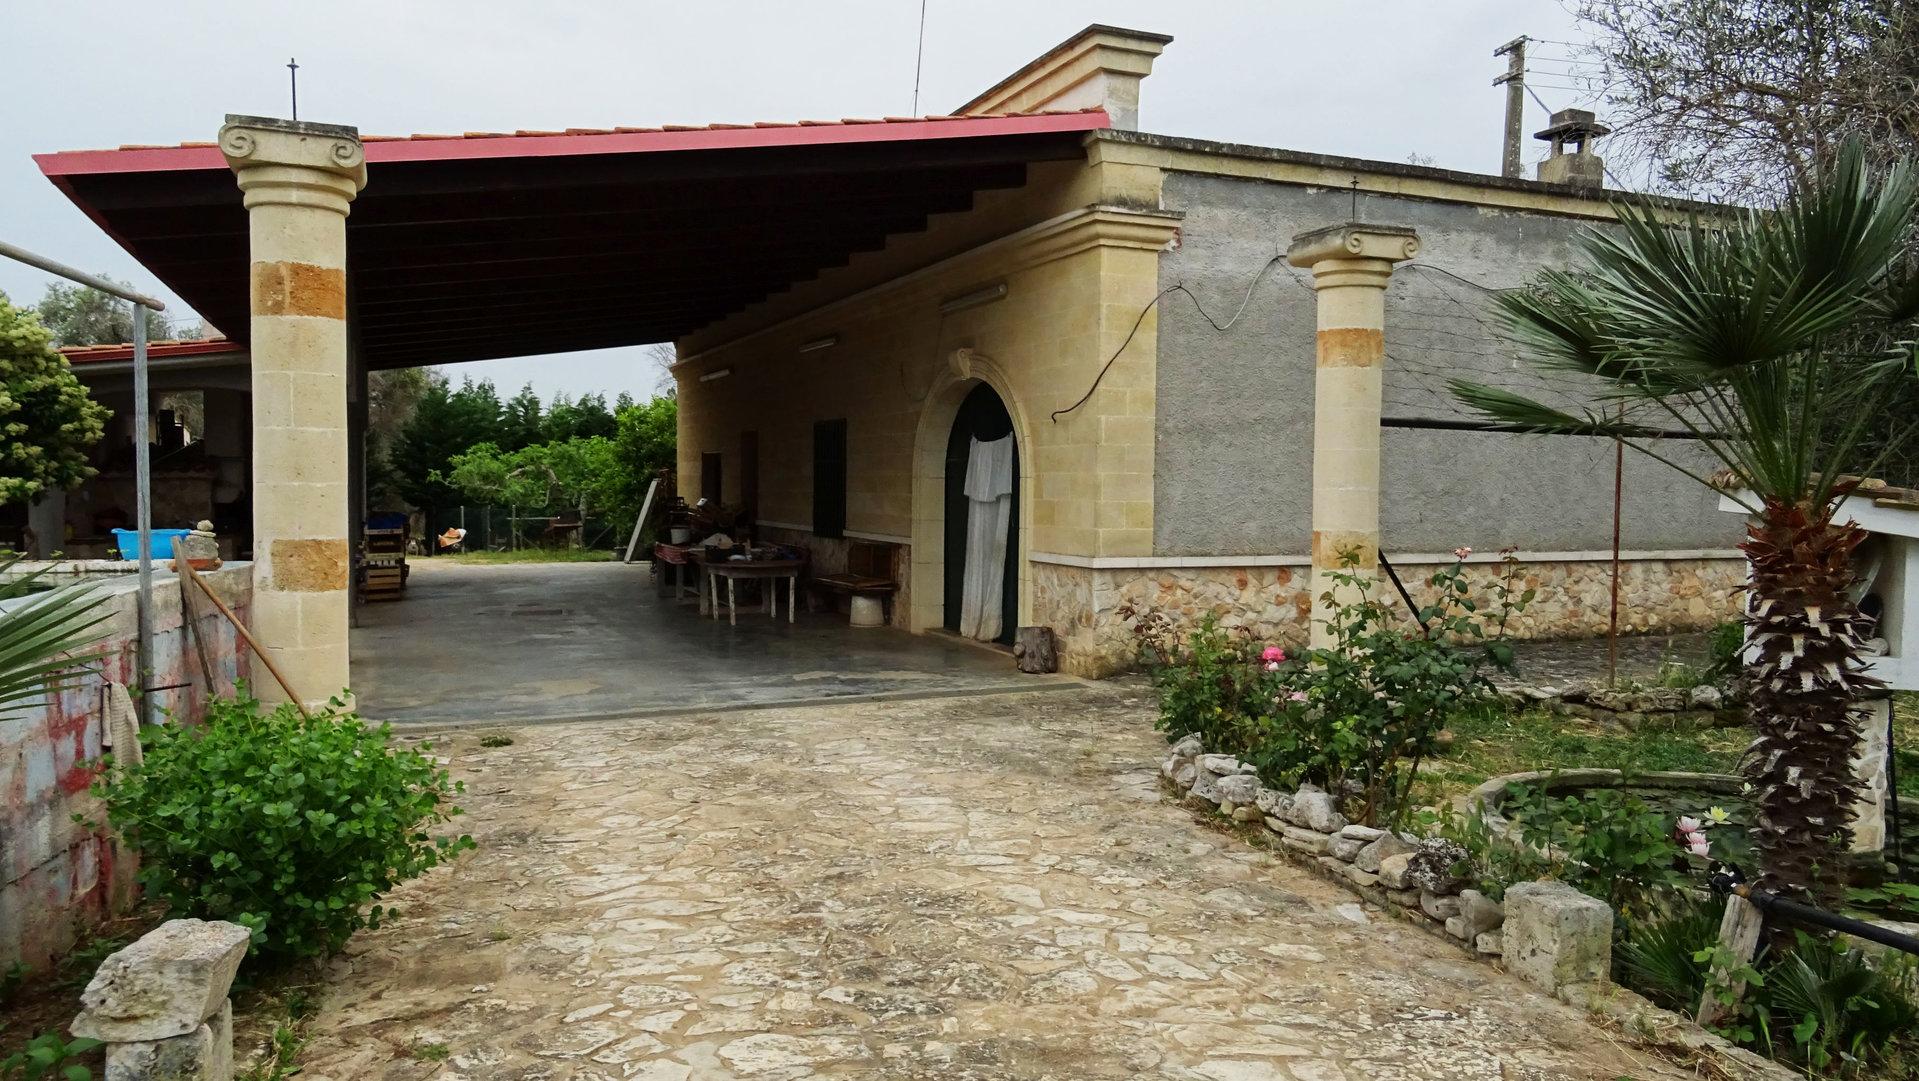 Villetta in agro di Oria